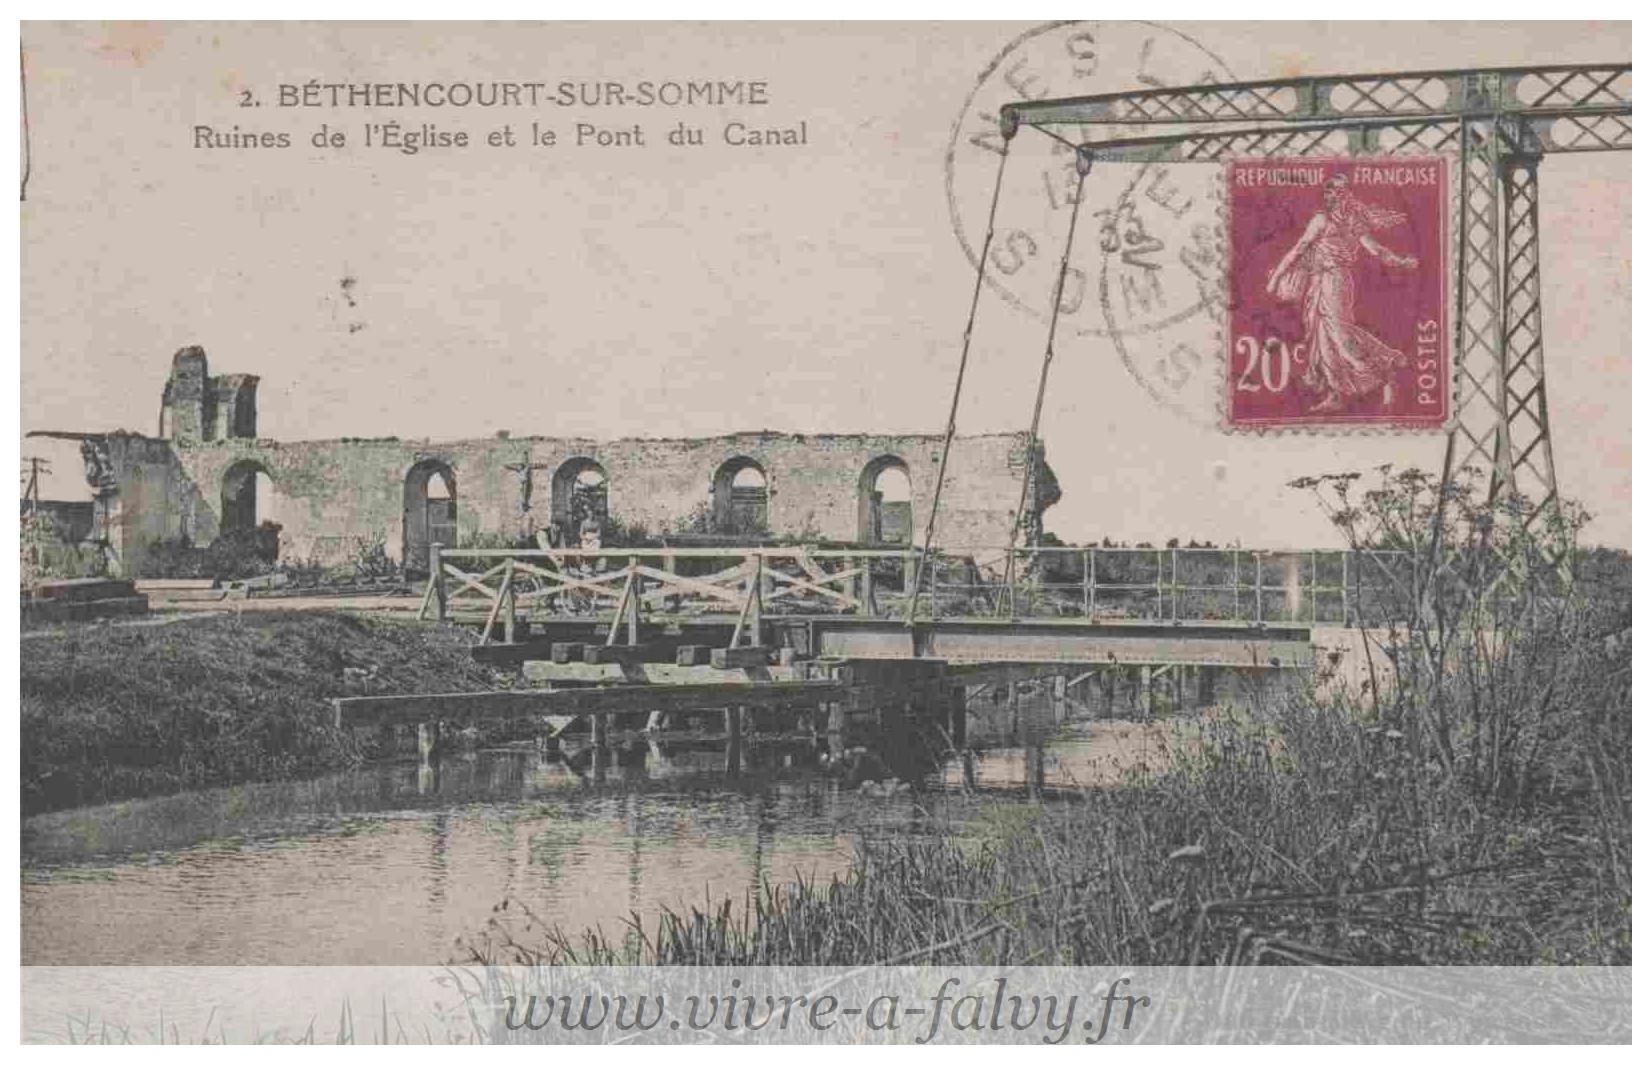 Bethencourt - Ruines de l'Eglise et le Pont du Canal